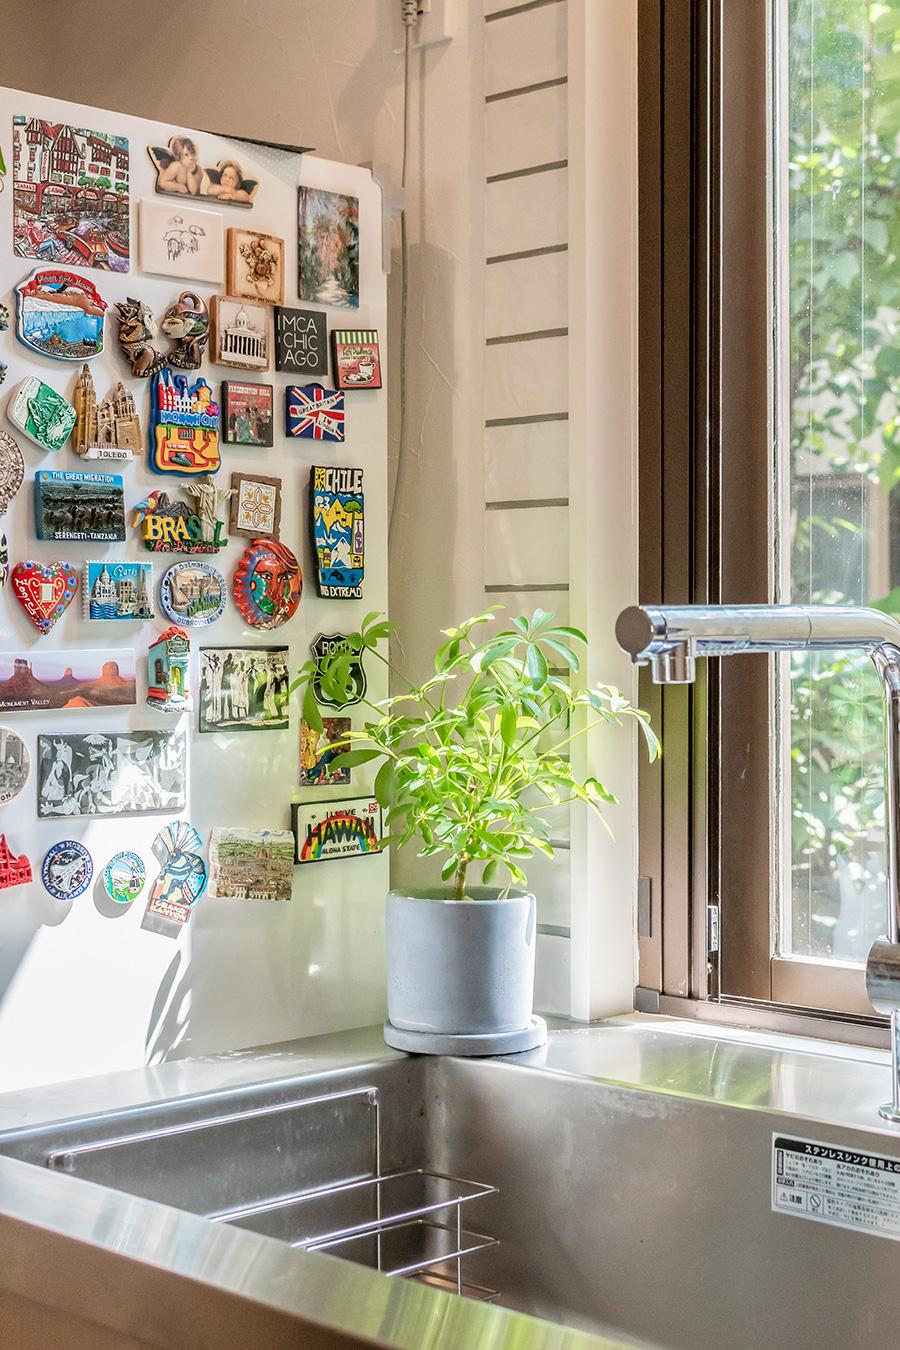 洗い物をしながら、窓の外を眺められるキッチン。